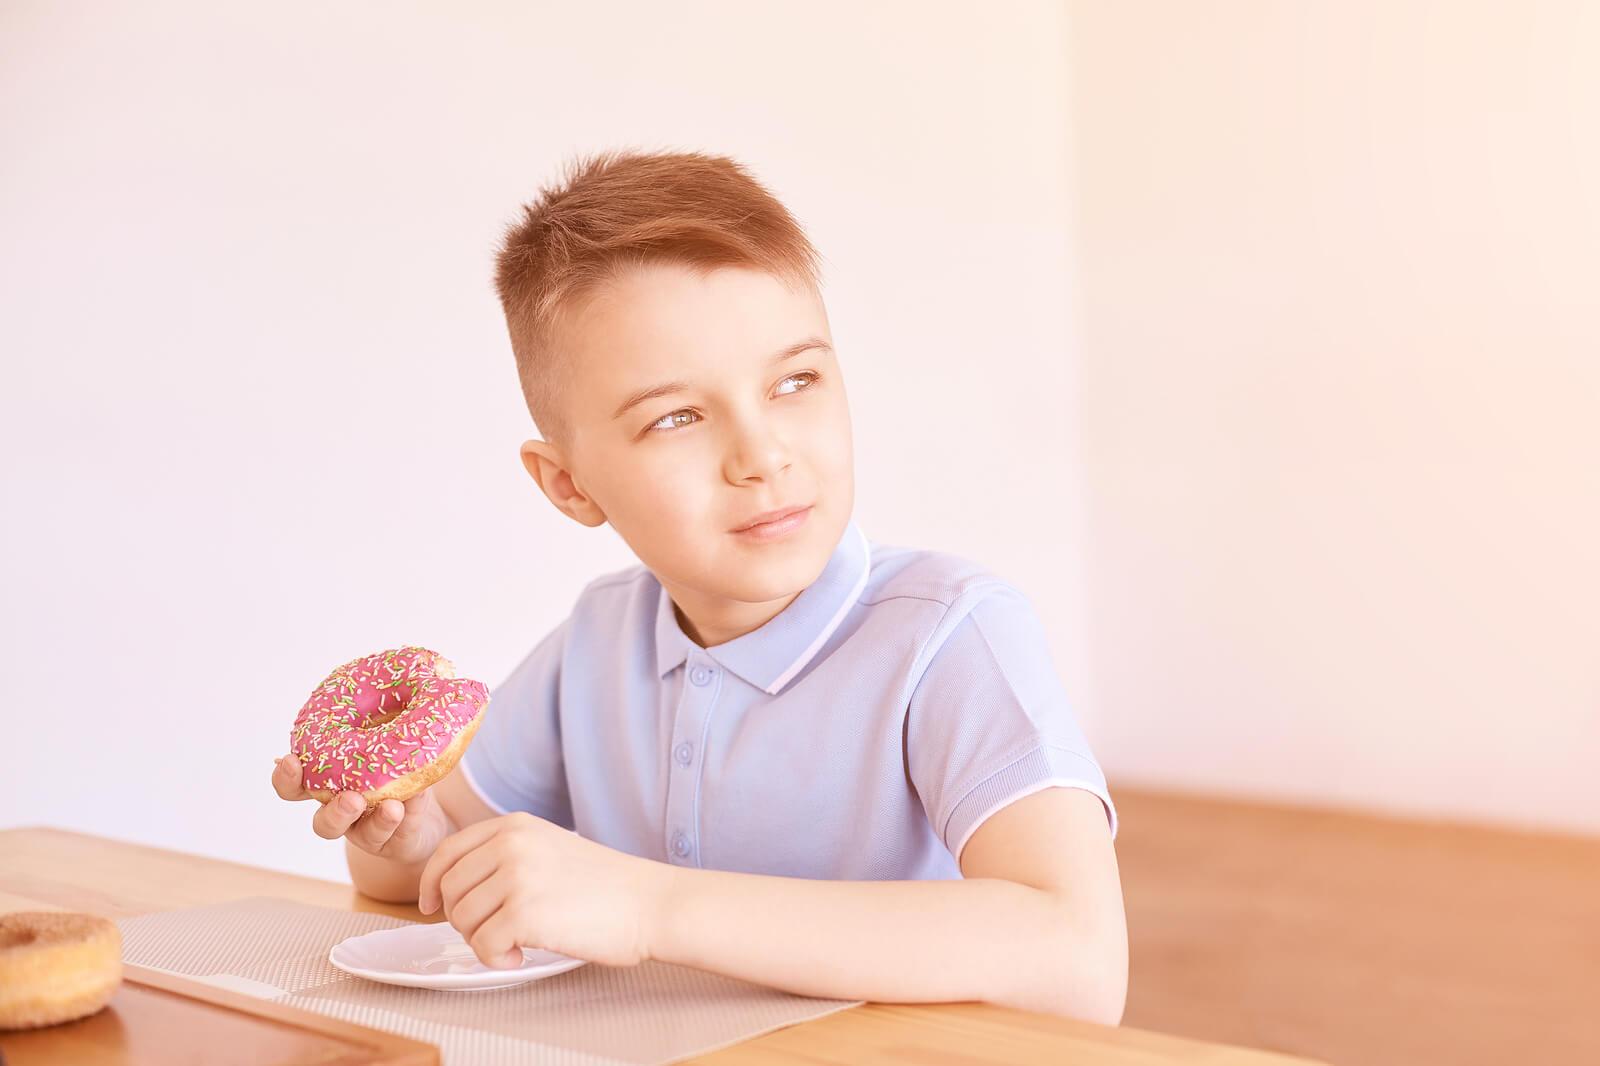 Niño comiéndose un donut.